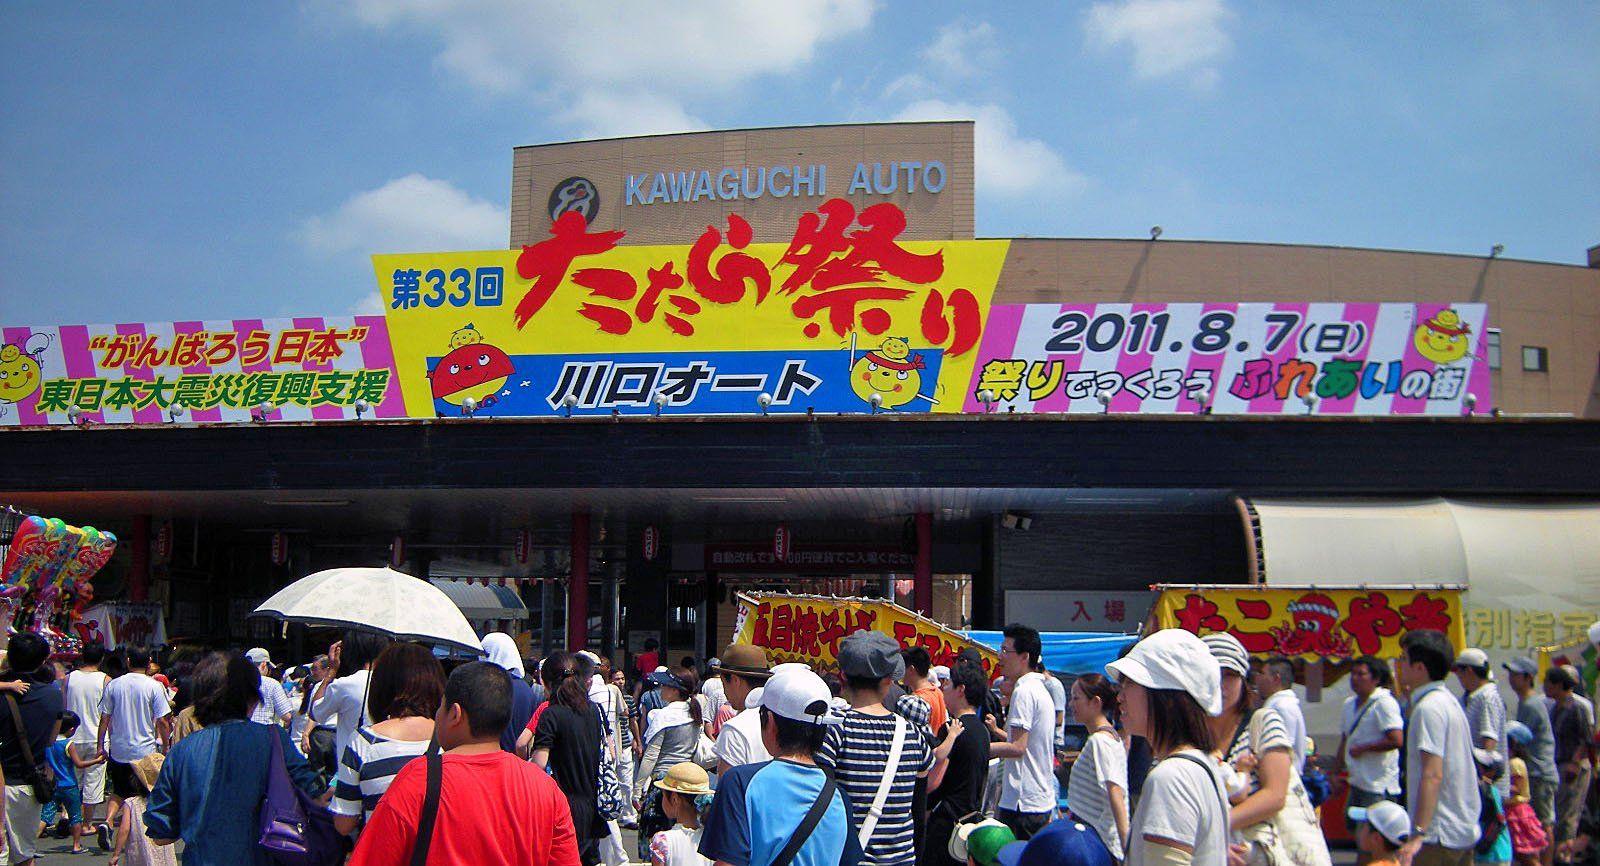 たたら祭りとは?2017年川口市花火大会の時間・場所・アクセス情報!